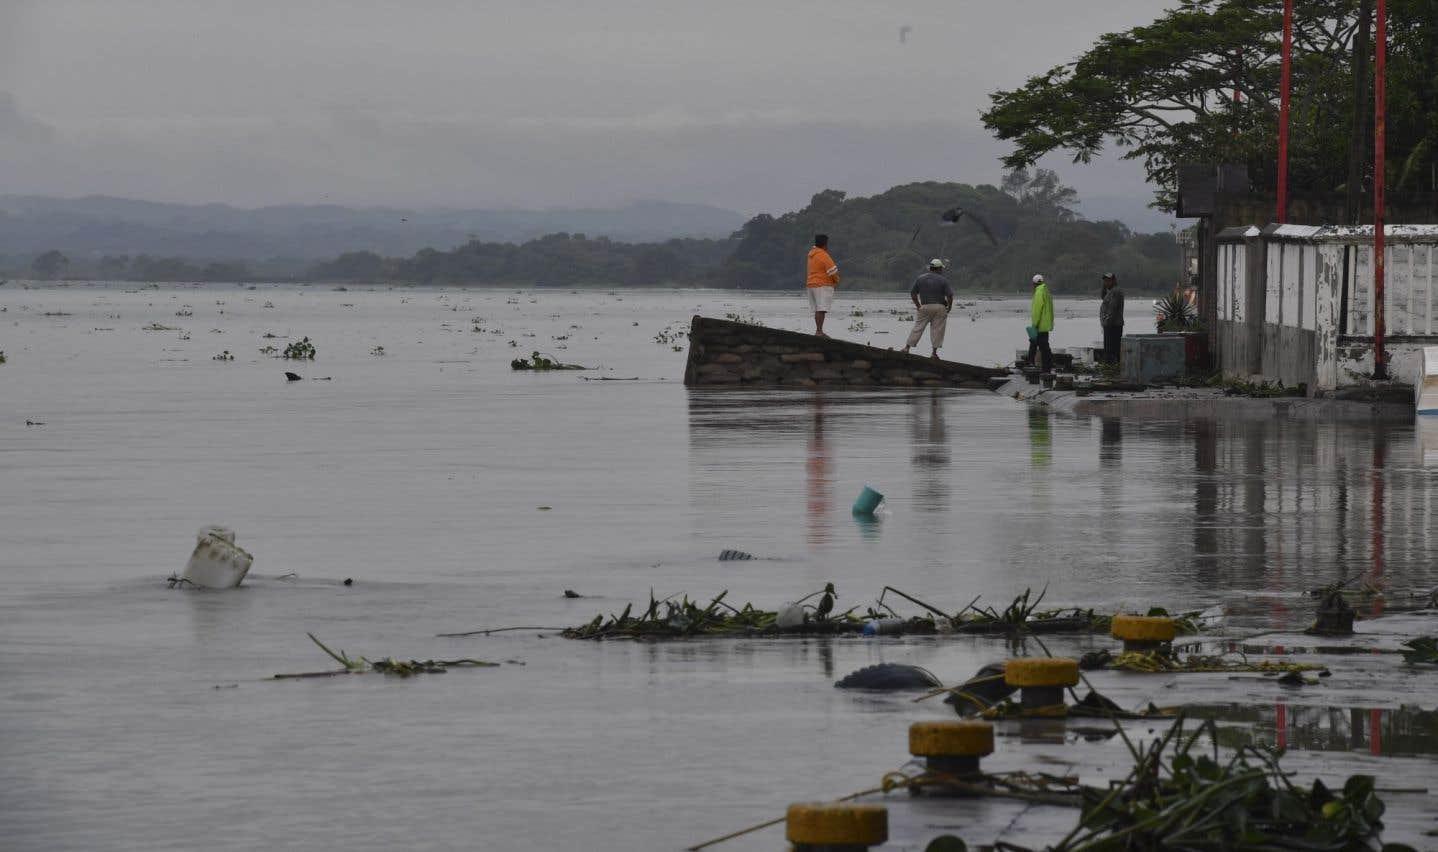 Des gens constatent le niveau d'eau de la rivière Tecoluca après le passage de l'ouragan «Katia» à Tecolutla, au Mexique, le 9 septembre 2017.